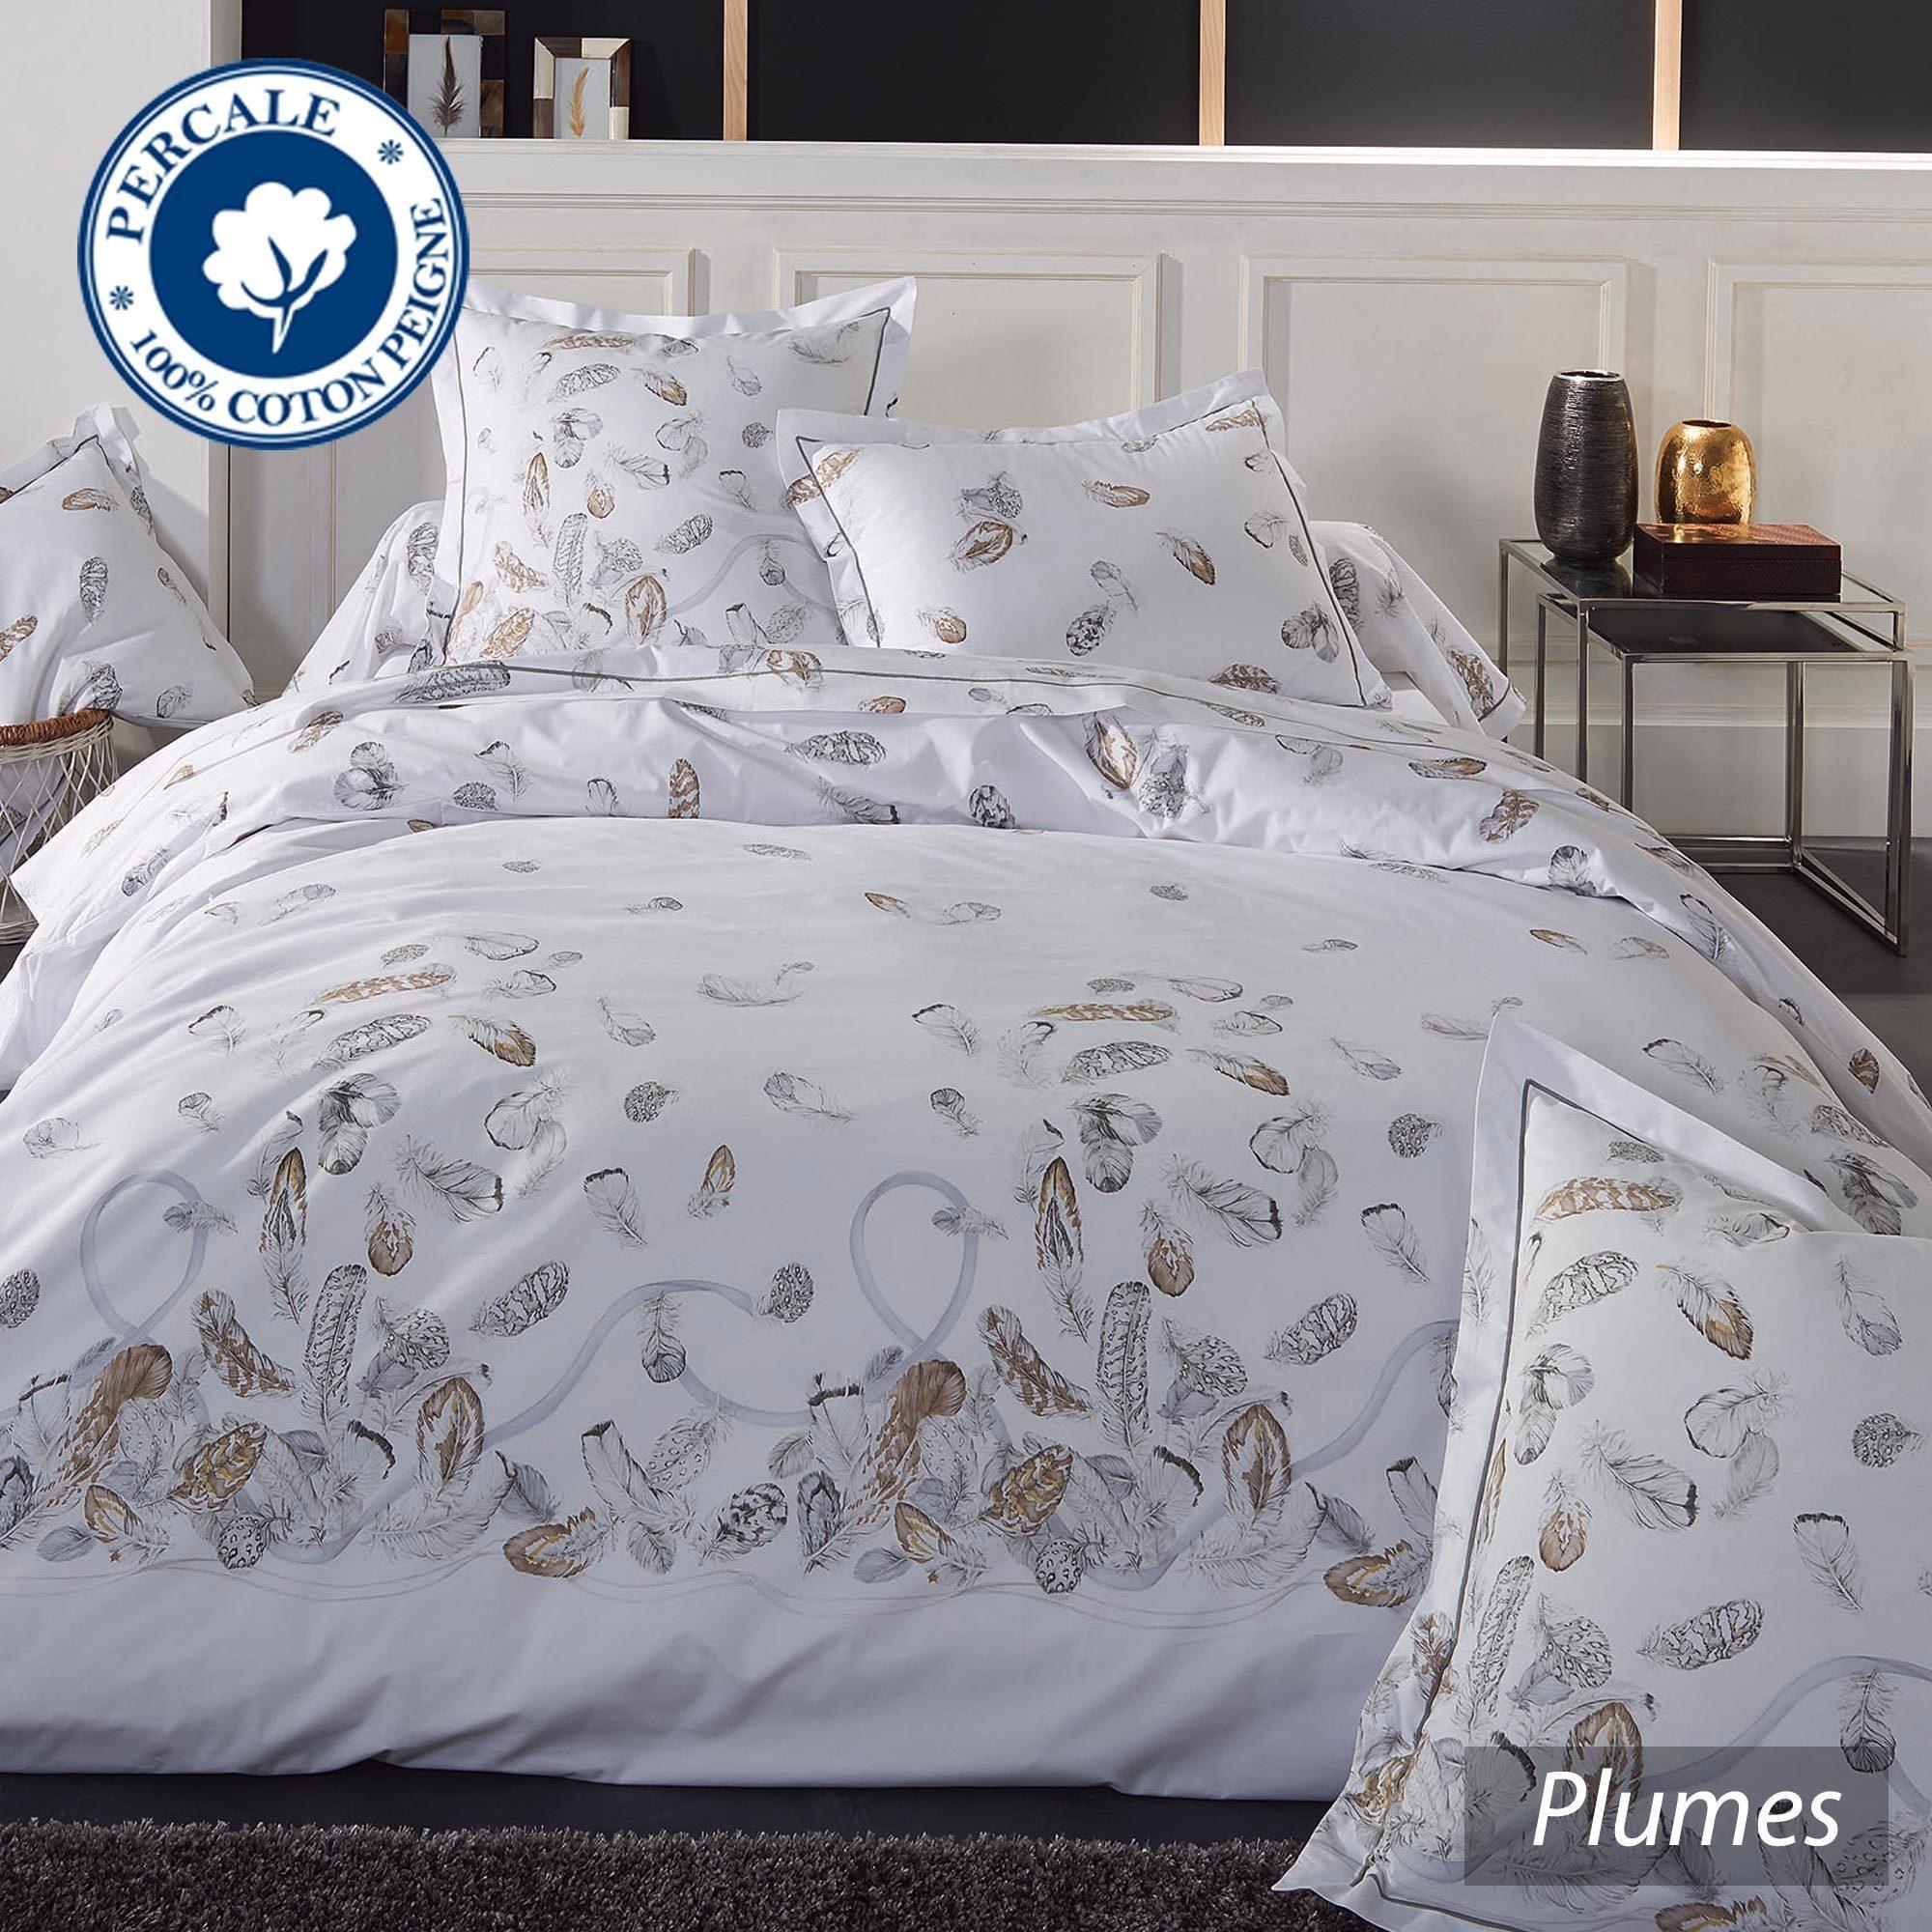 taie de traversin percale pur coton peign 200x43 cm plumes linnea vente de linge de maison. Black Bedroom Furniture Sets. Home Design Ideas